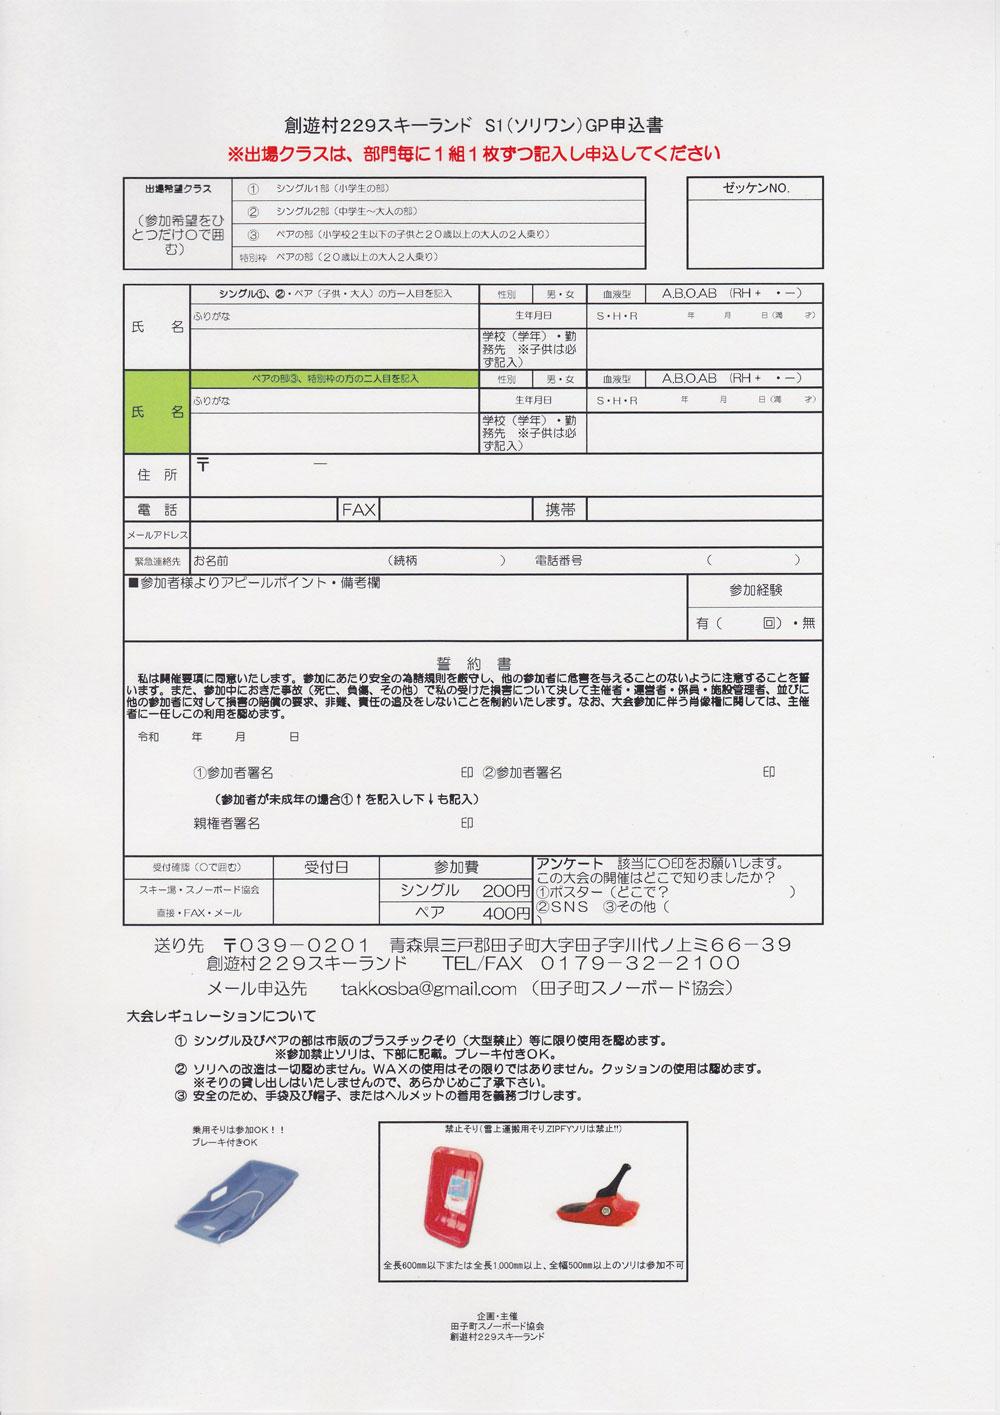 ソリワングランプリ2020世界大会開 申込書画像